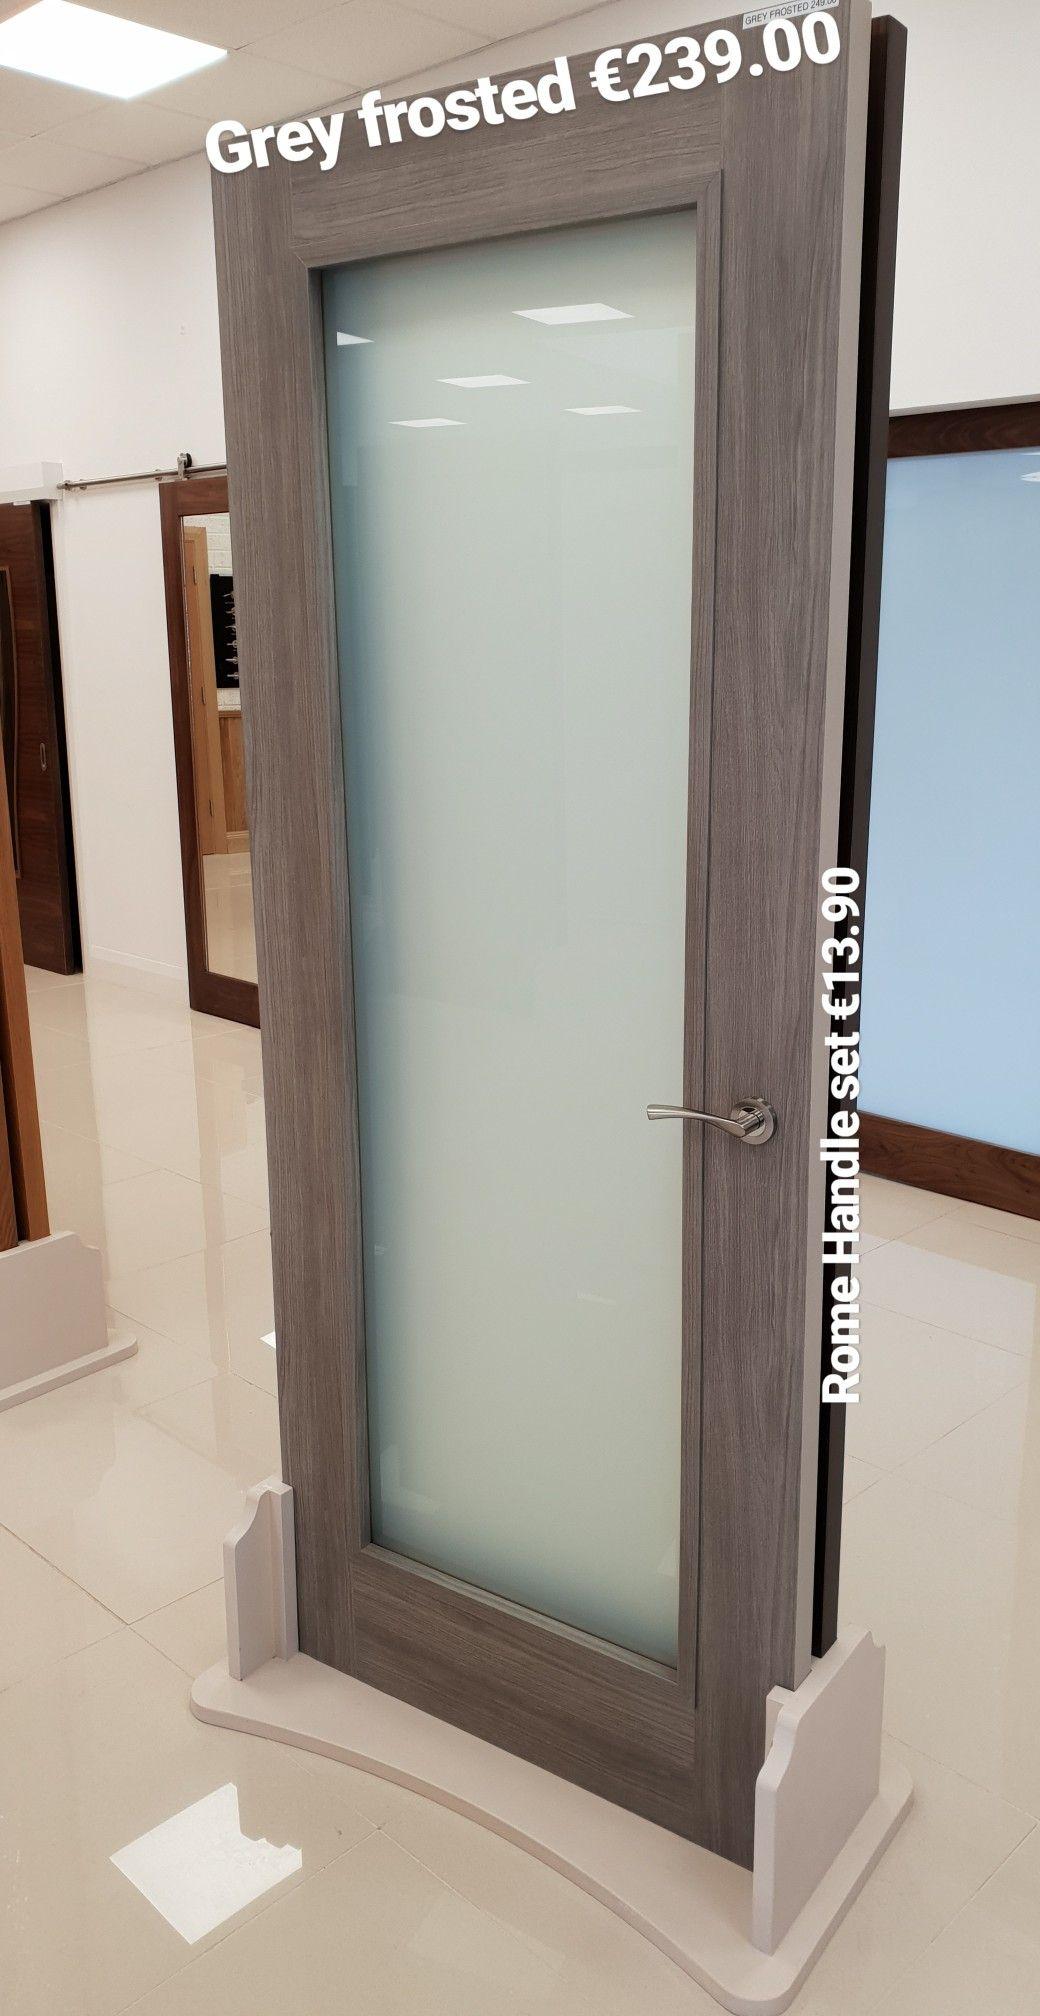 Natural Veneered Wooden Flush Door Design Mdf Living Room: Doras Daiken Frosted Grey Doors En 2019